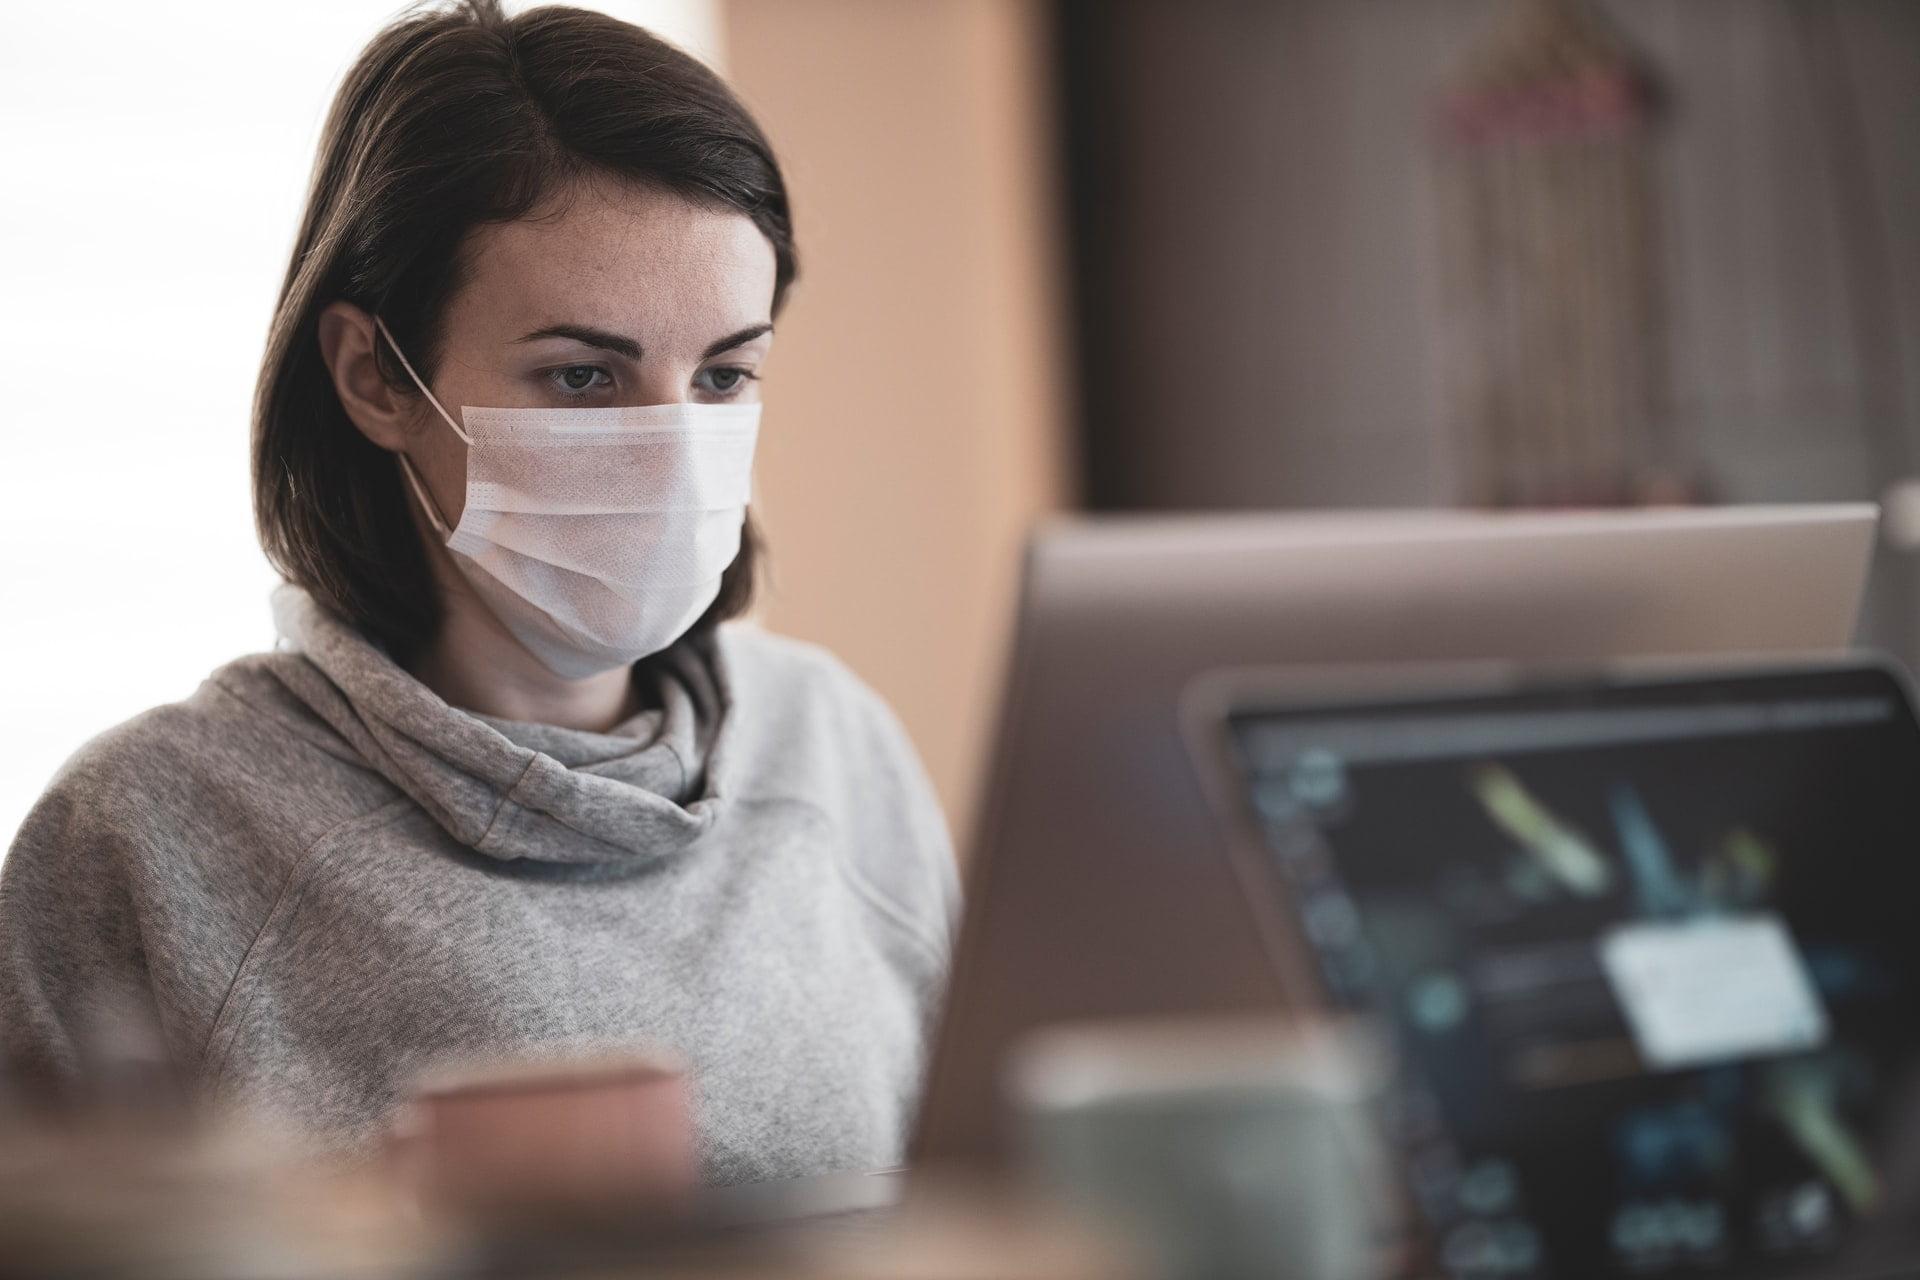 """Pandemia zmienia podejście firm doorganizacji czasu pracy. """"Zmiany zostały wymuszone przezpierwszy lockdown"""""""